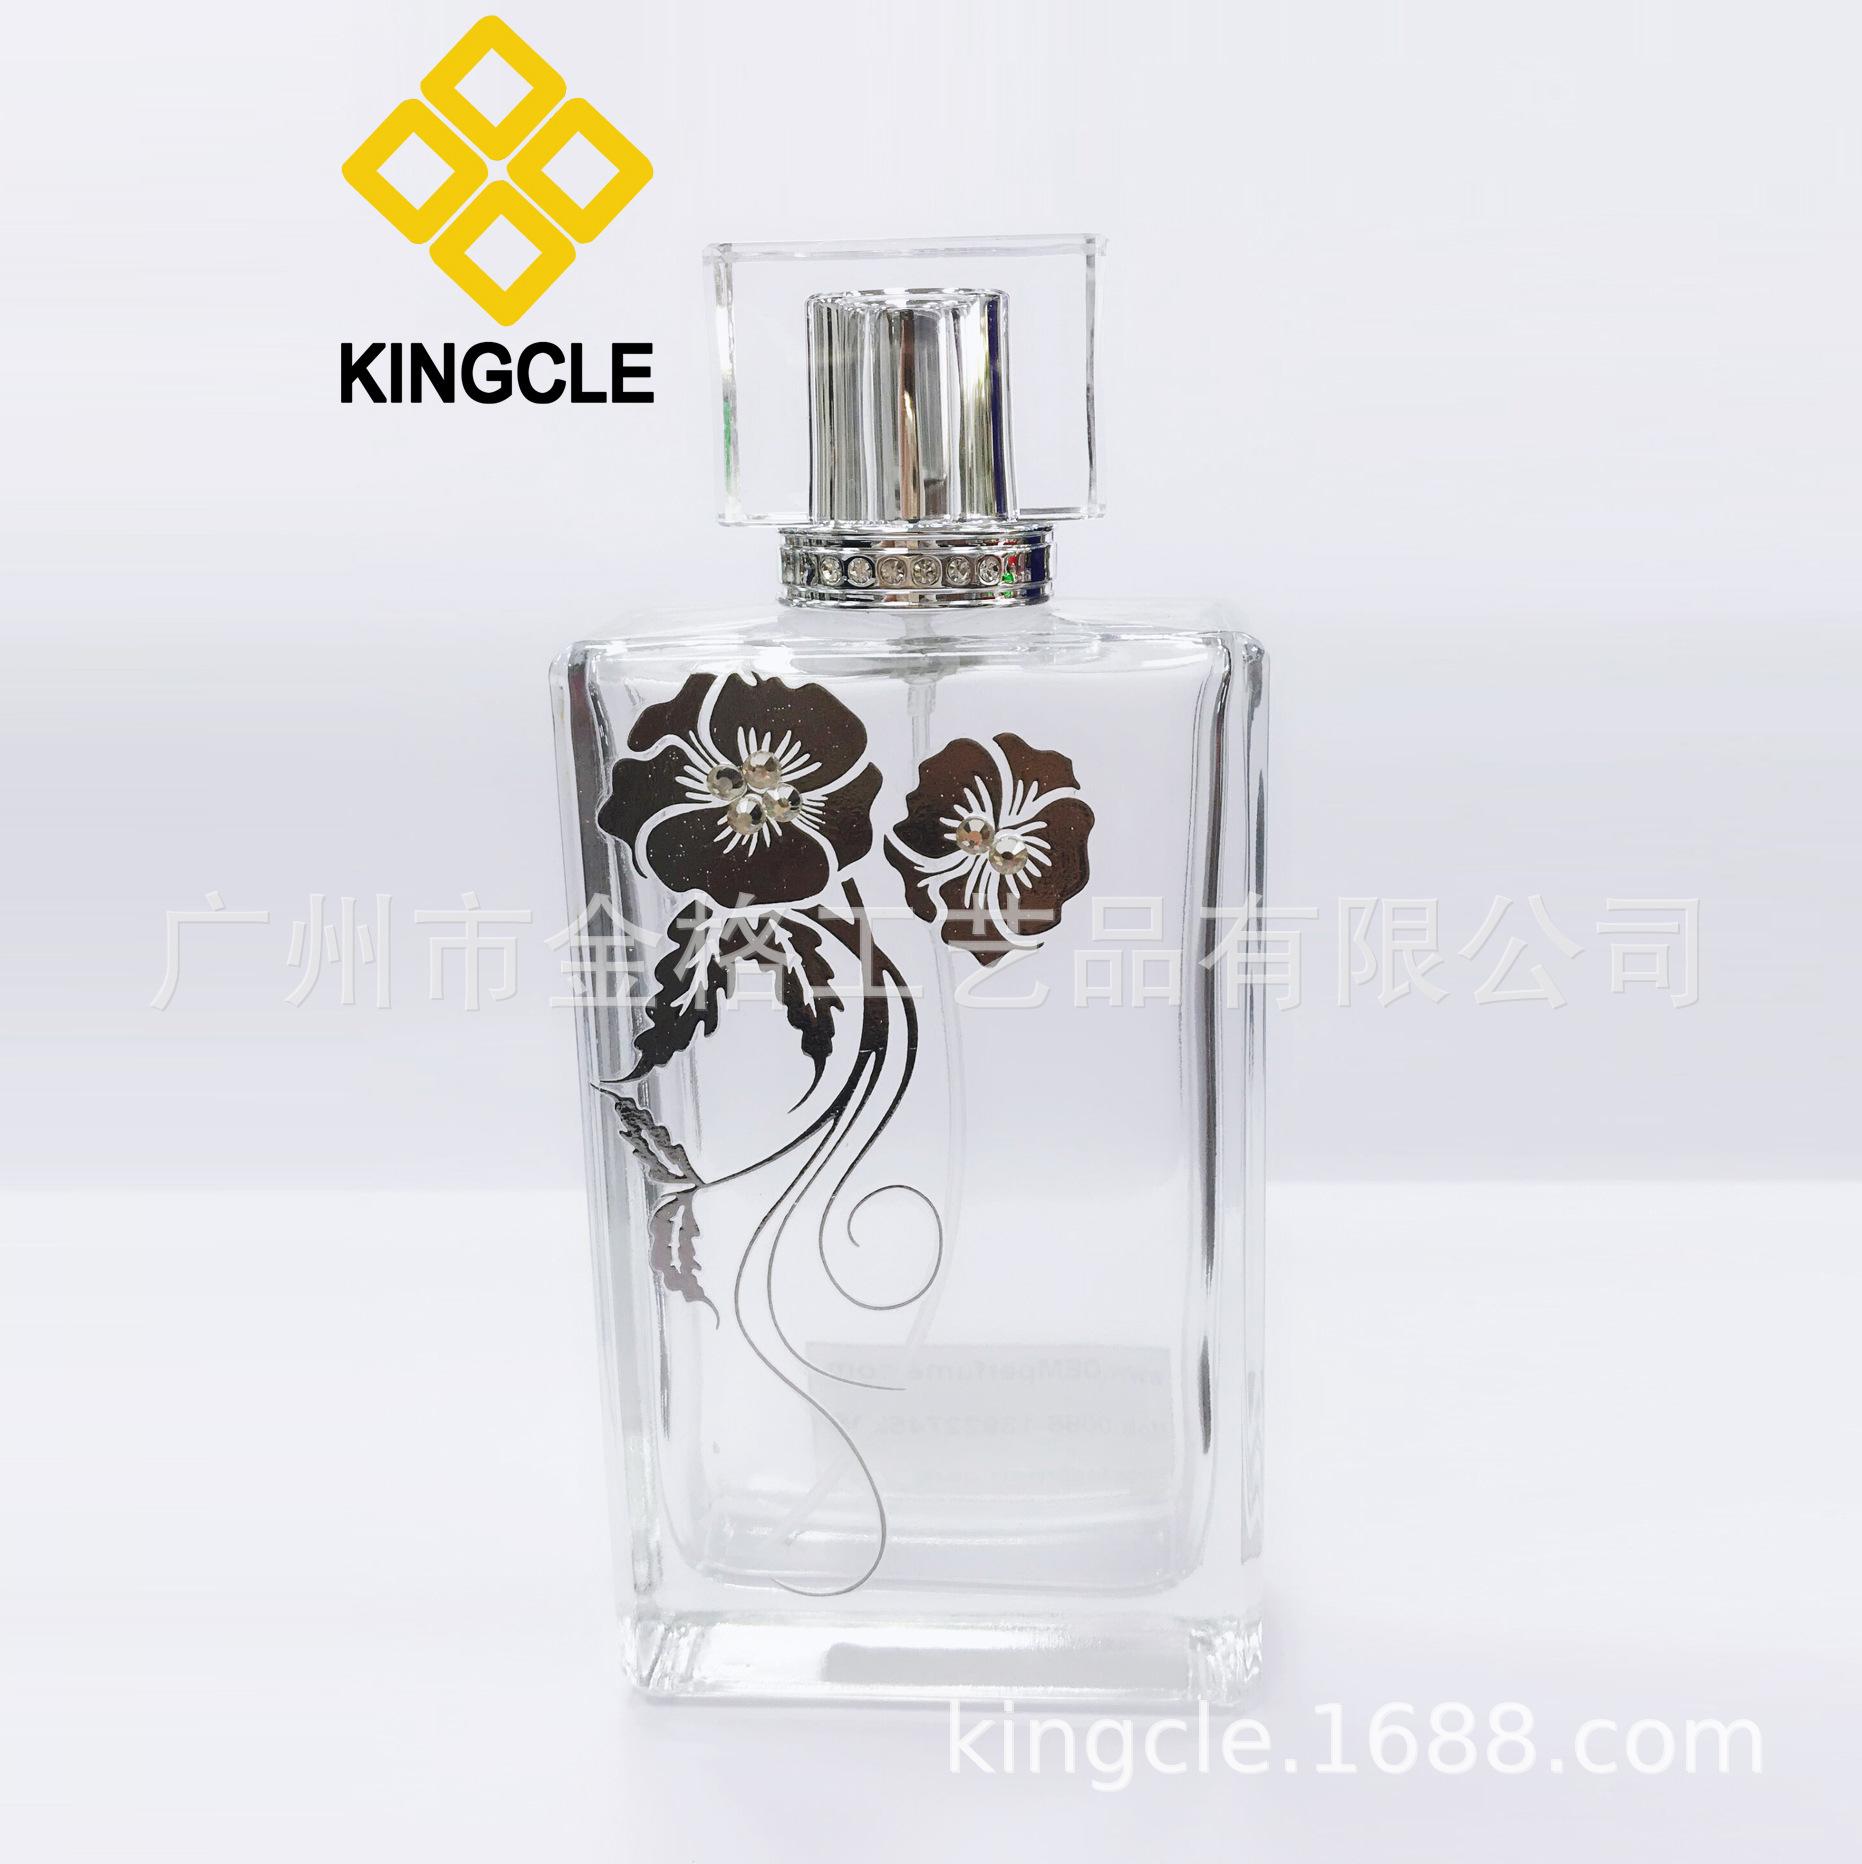 高温印花玻璃香水瓶 中东热销玻璃香水瓶配亚克力香水盖 喷雾包材